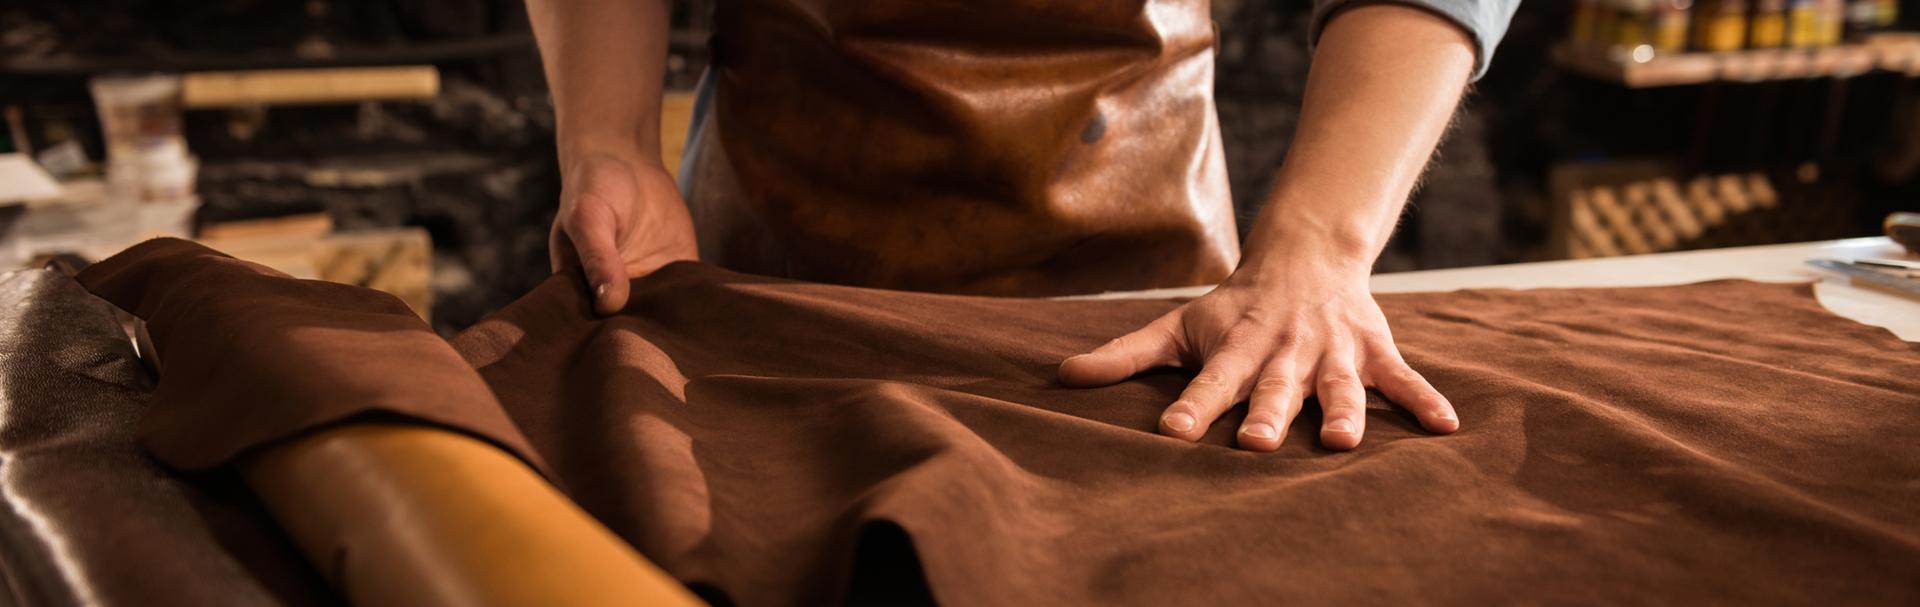 Verarbeitung & Pflege von Leder – ein Naturmaterial